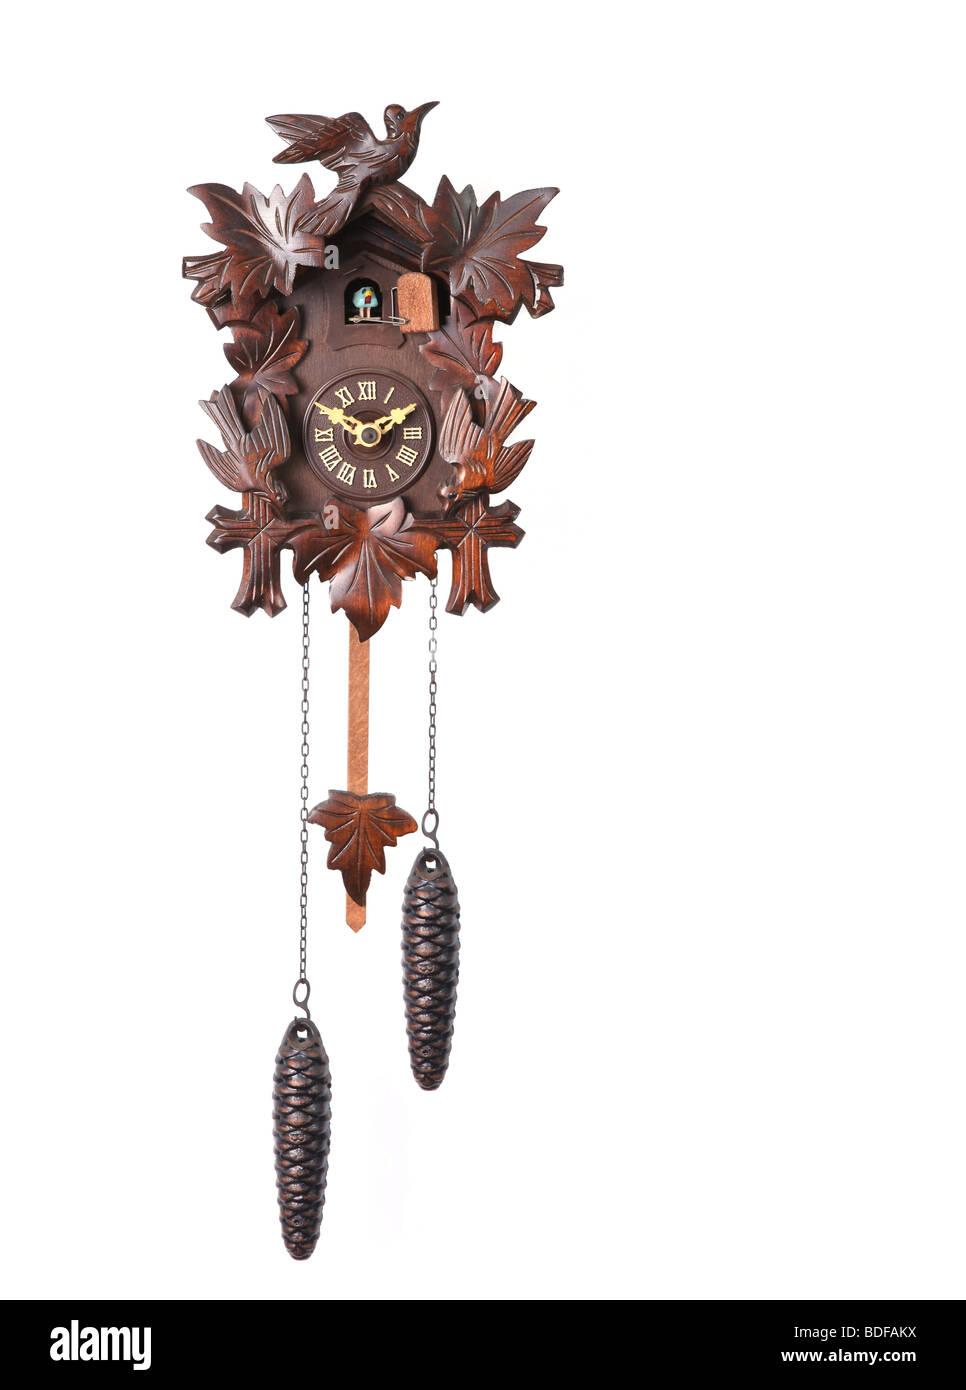 Cuckoo Clock isolé sur un fond blanc avec des poids suspendus Photo Stock